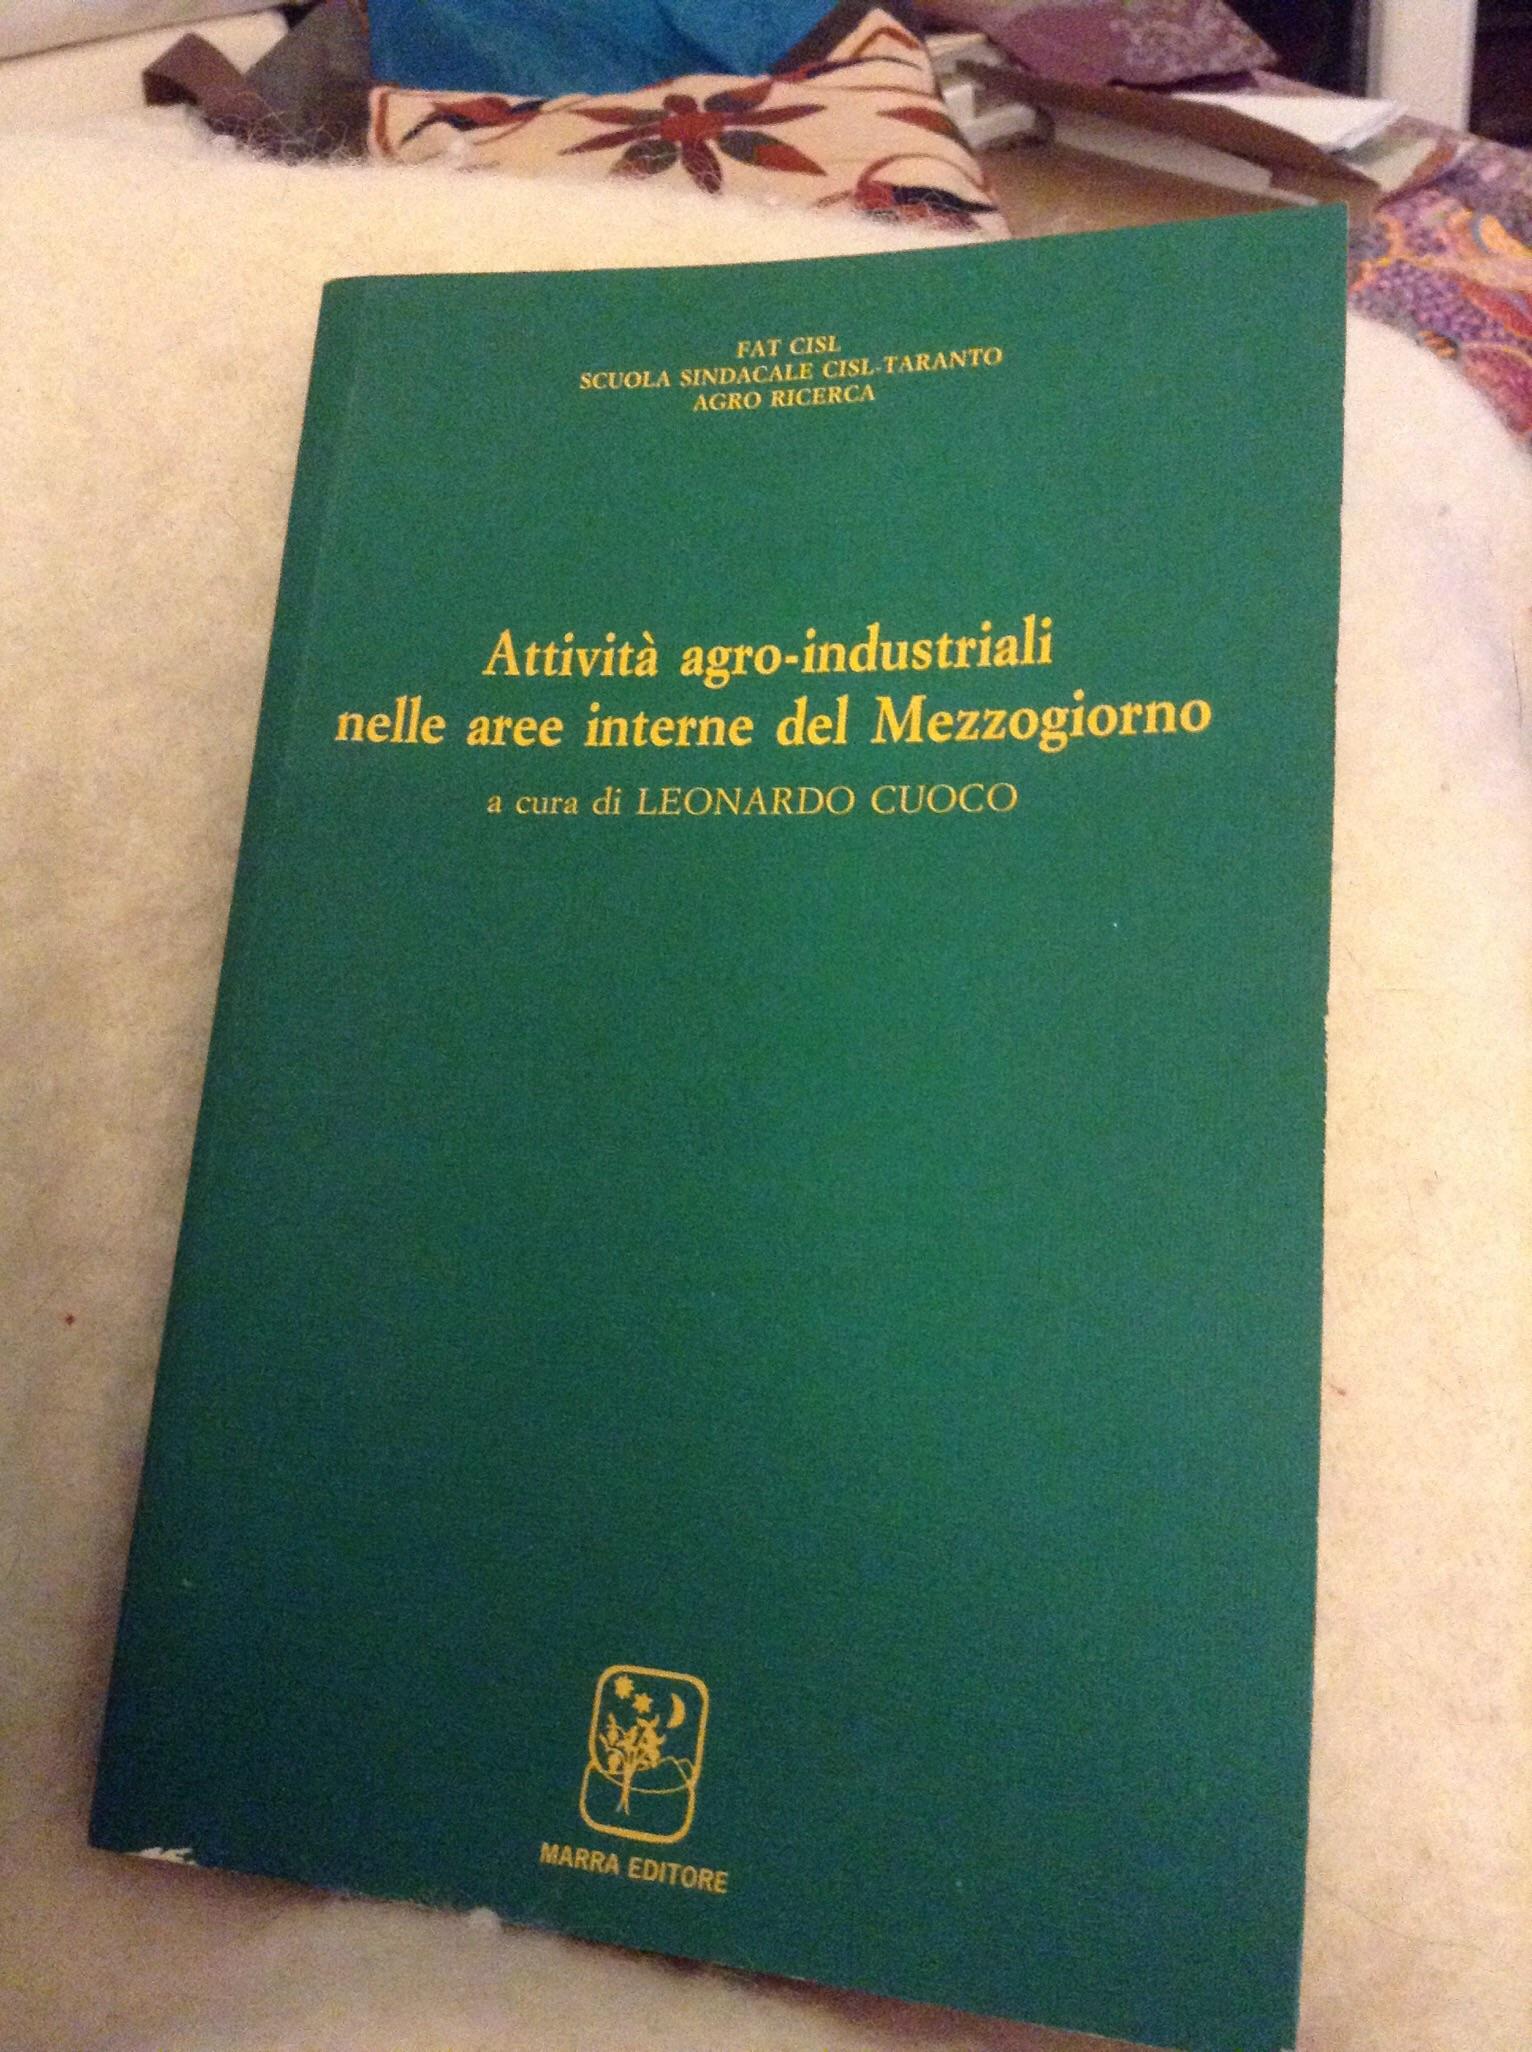 Attività agro-industriali nelle aree interne del mezzogiorno